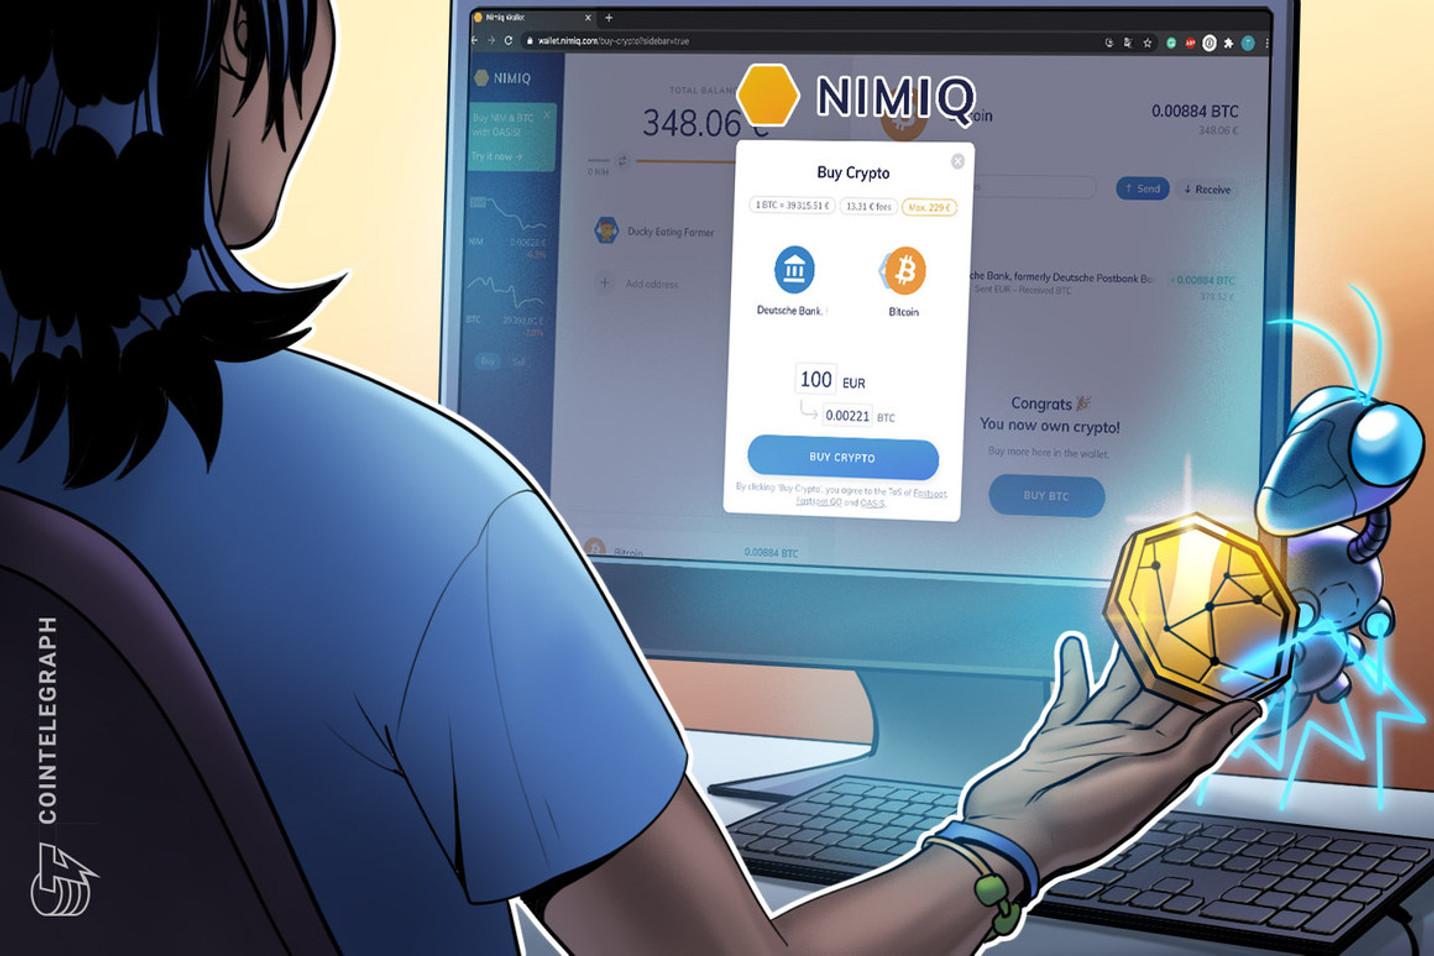 Deutsches Blockchain-Projekt ermöglicht den Krypto-Kauf direkt vom Bankkonto